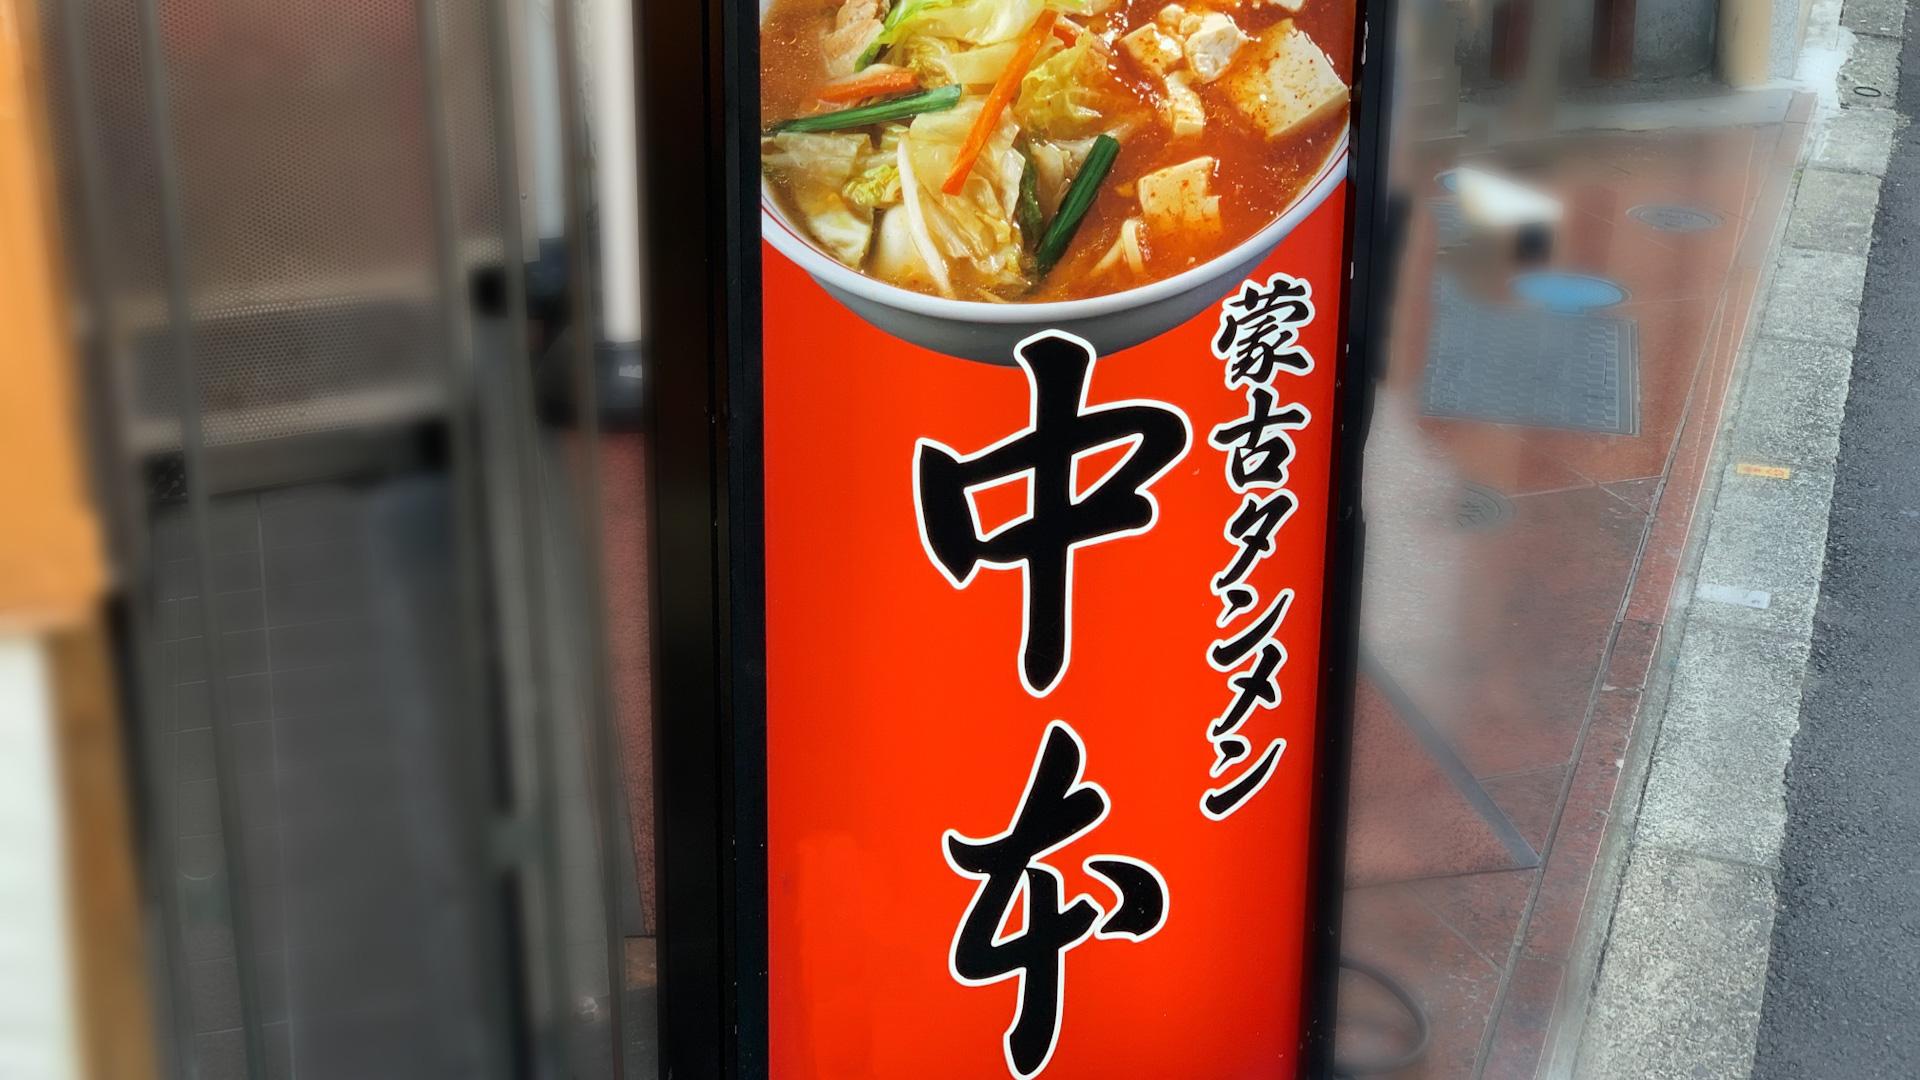 蒙古タンメン中本のコラボカップ麺を食べ比べ!種類や辛さ・おすすめアレンジは?